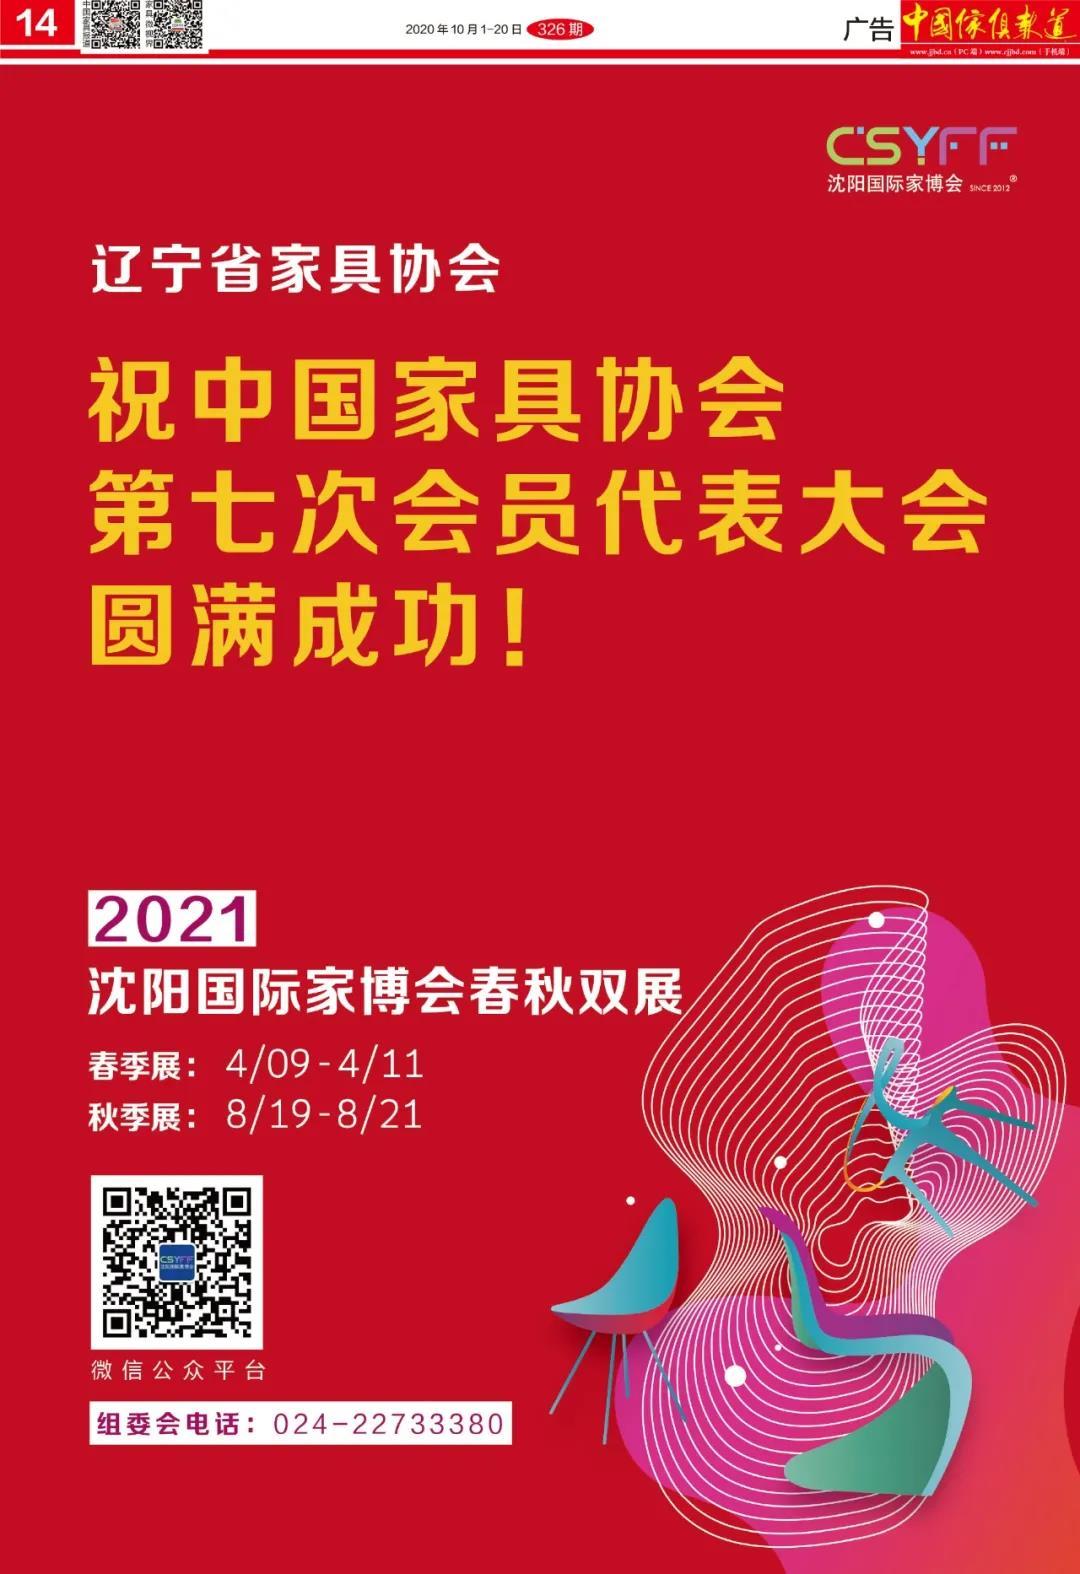 微信图片_20201014223005.jpg